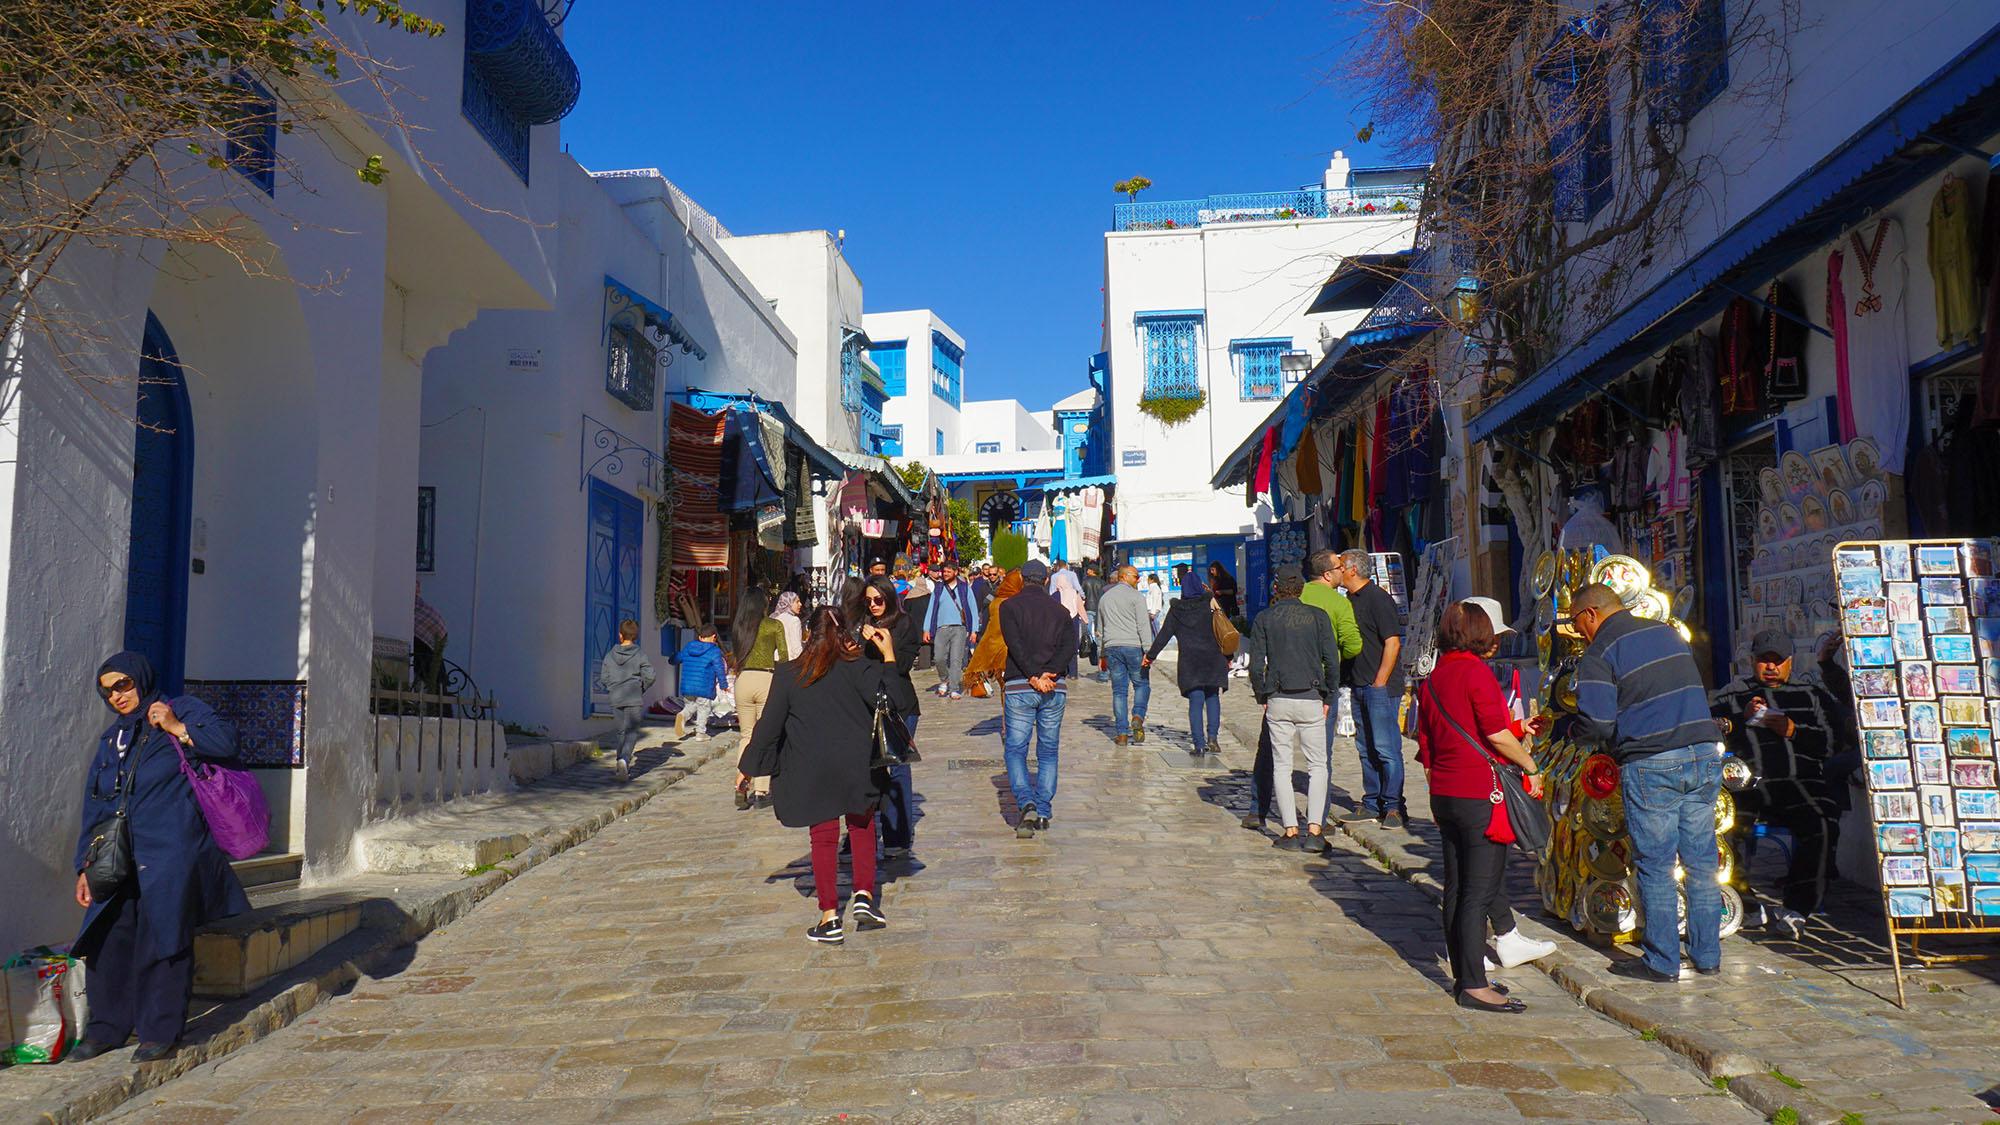 Sidi Bou Said, in Tunis